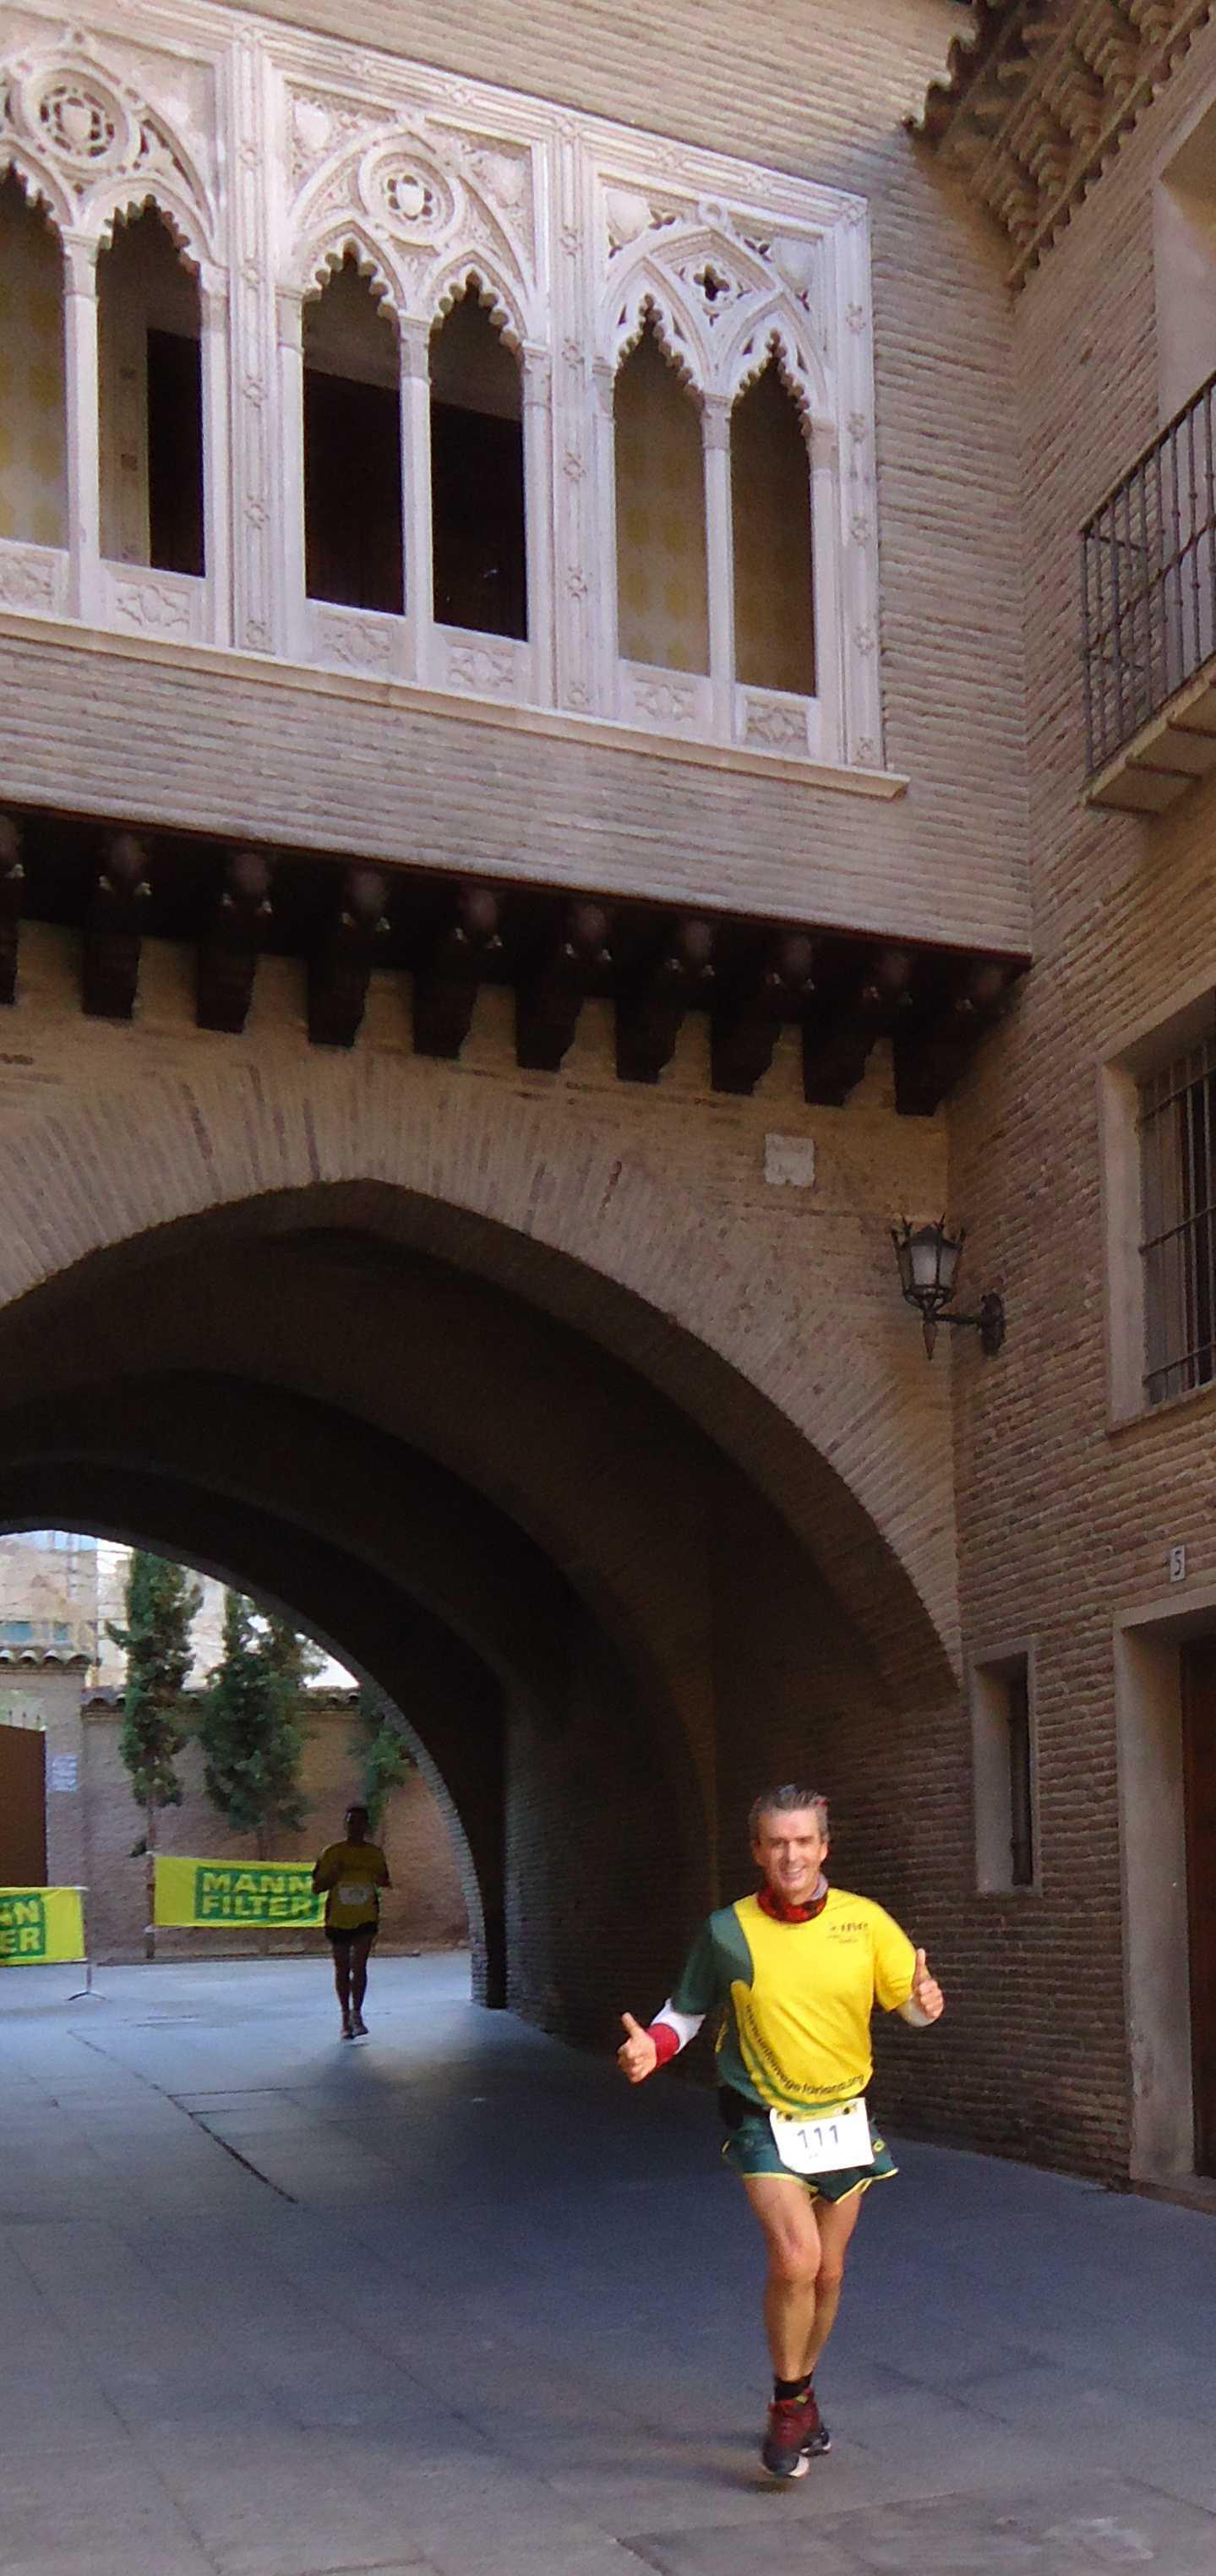 3. Arco del Dean